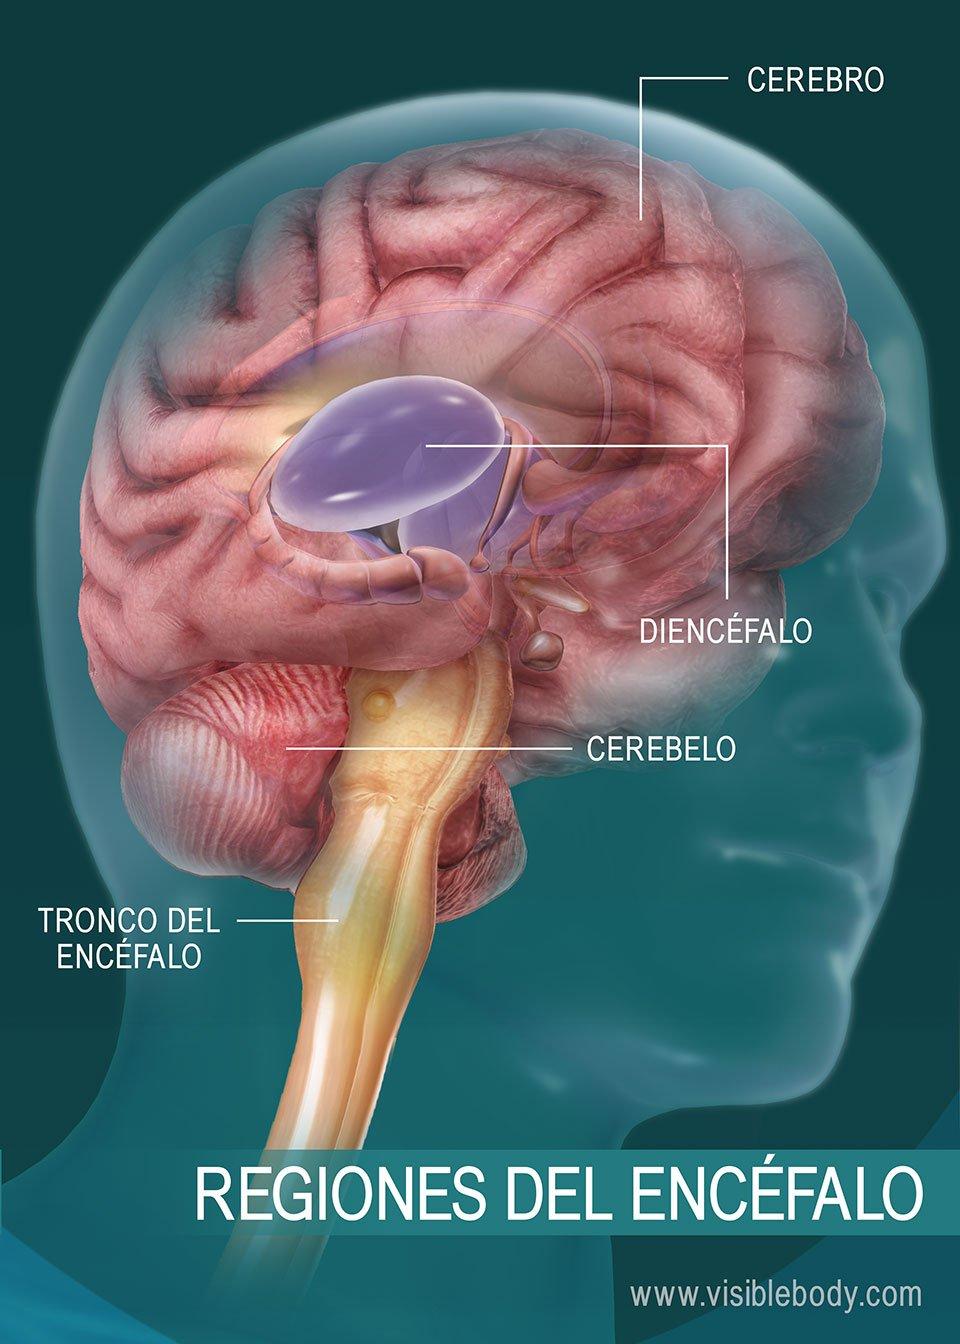 Diagrama de las regiones del encéfalo